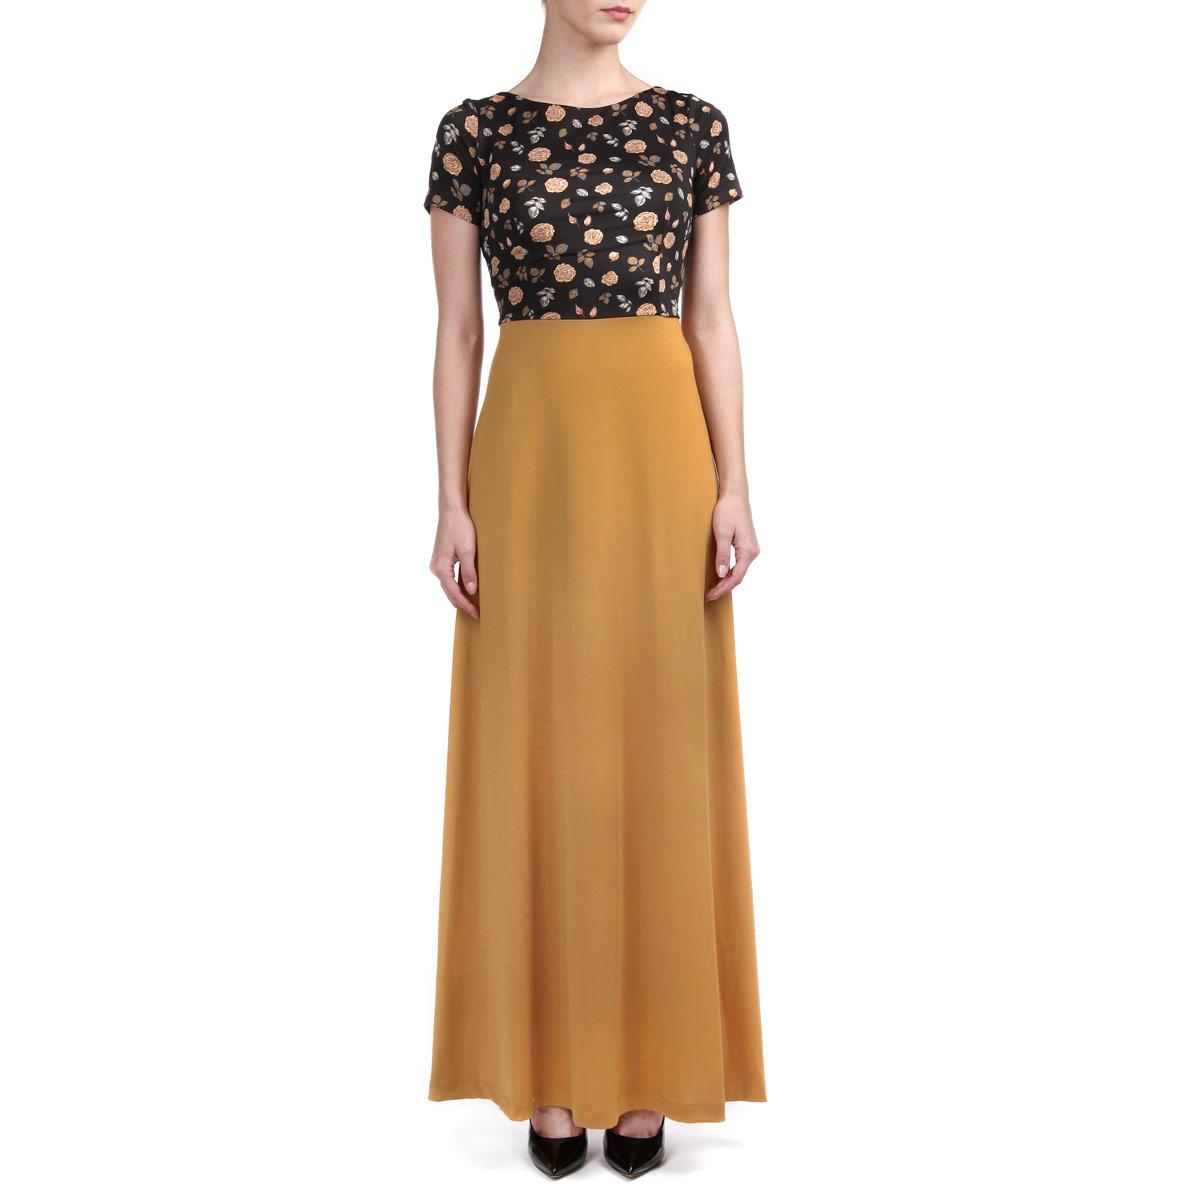 Платье. P21E-23MP21E-23MЭлегантное платье Анна Чапман подарит вам удобство и поможет вам подчеркнуть свой вкус и неповторимый стиль. Изготовленное из полиэстера с добавлением эластана, оно мягкое на ощупь, не раздражает кожу и хорошо вентилируется. Модель макси длины с круглым вырезом горловины и короткими рукавами на спинке имеет V-образный вырез. Отрезная расклешенная юбка однотонная. Лиф выполнен в контрастном цвете и оформлен цветочным принтом. В таком наряде вы, безусловно, привлечете восхищенные взгляды окружающих.